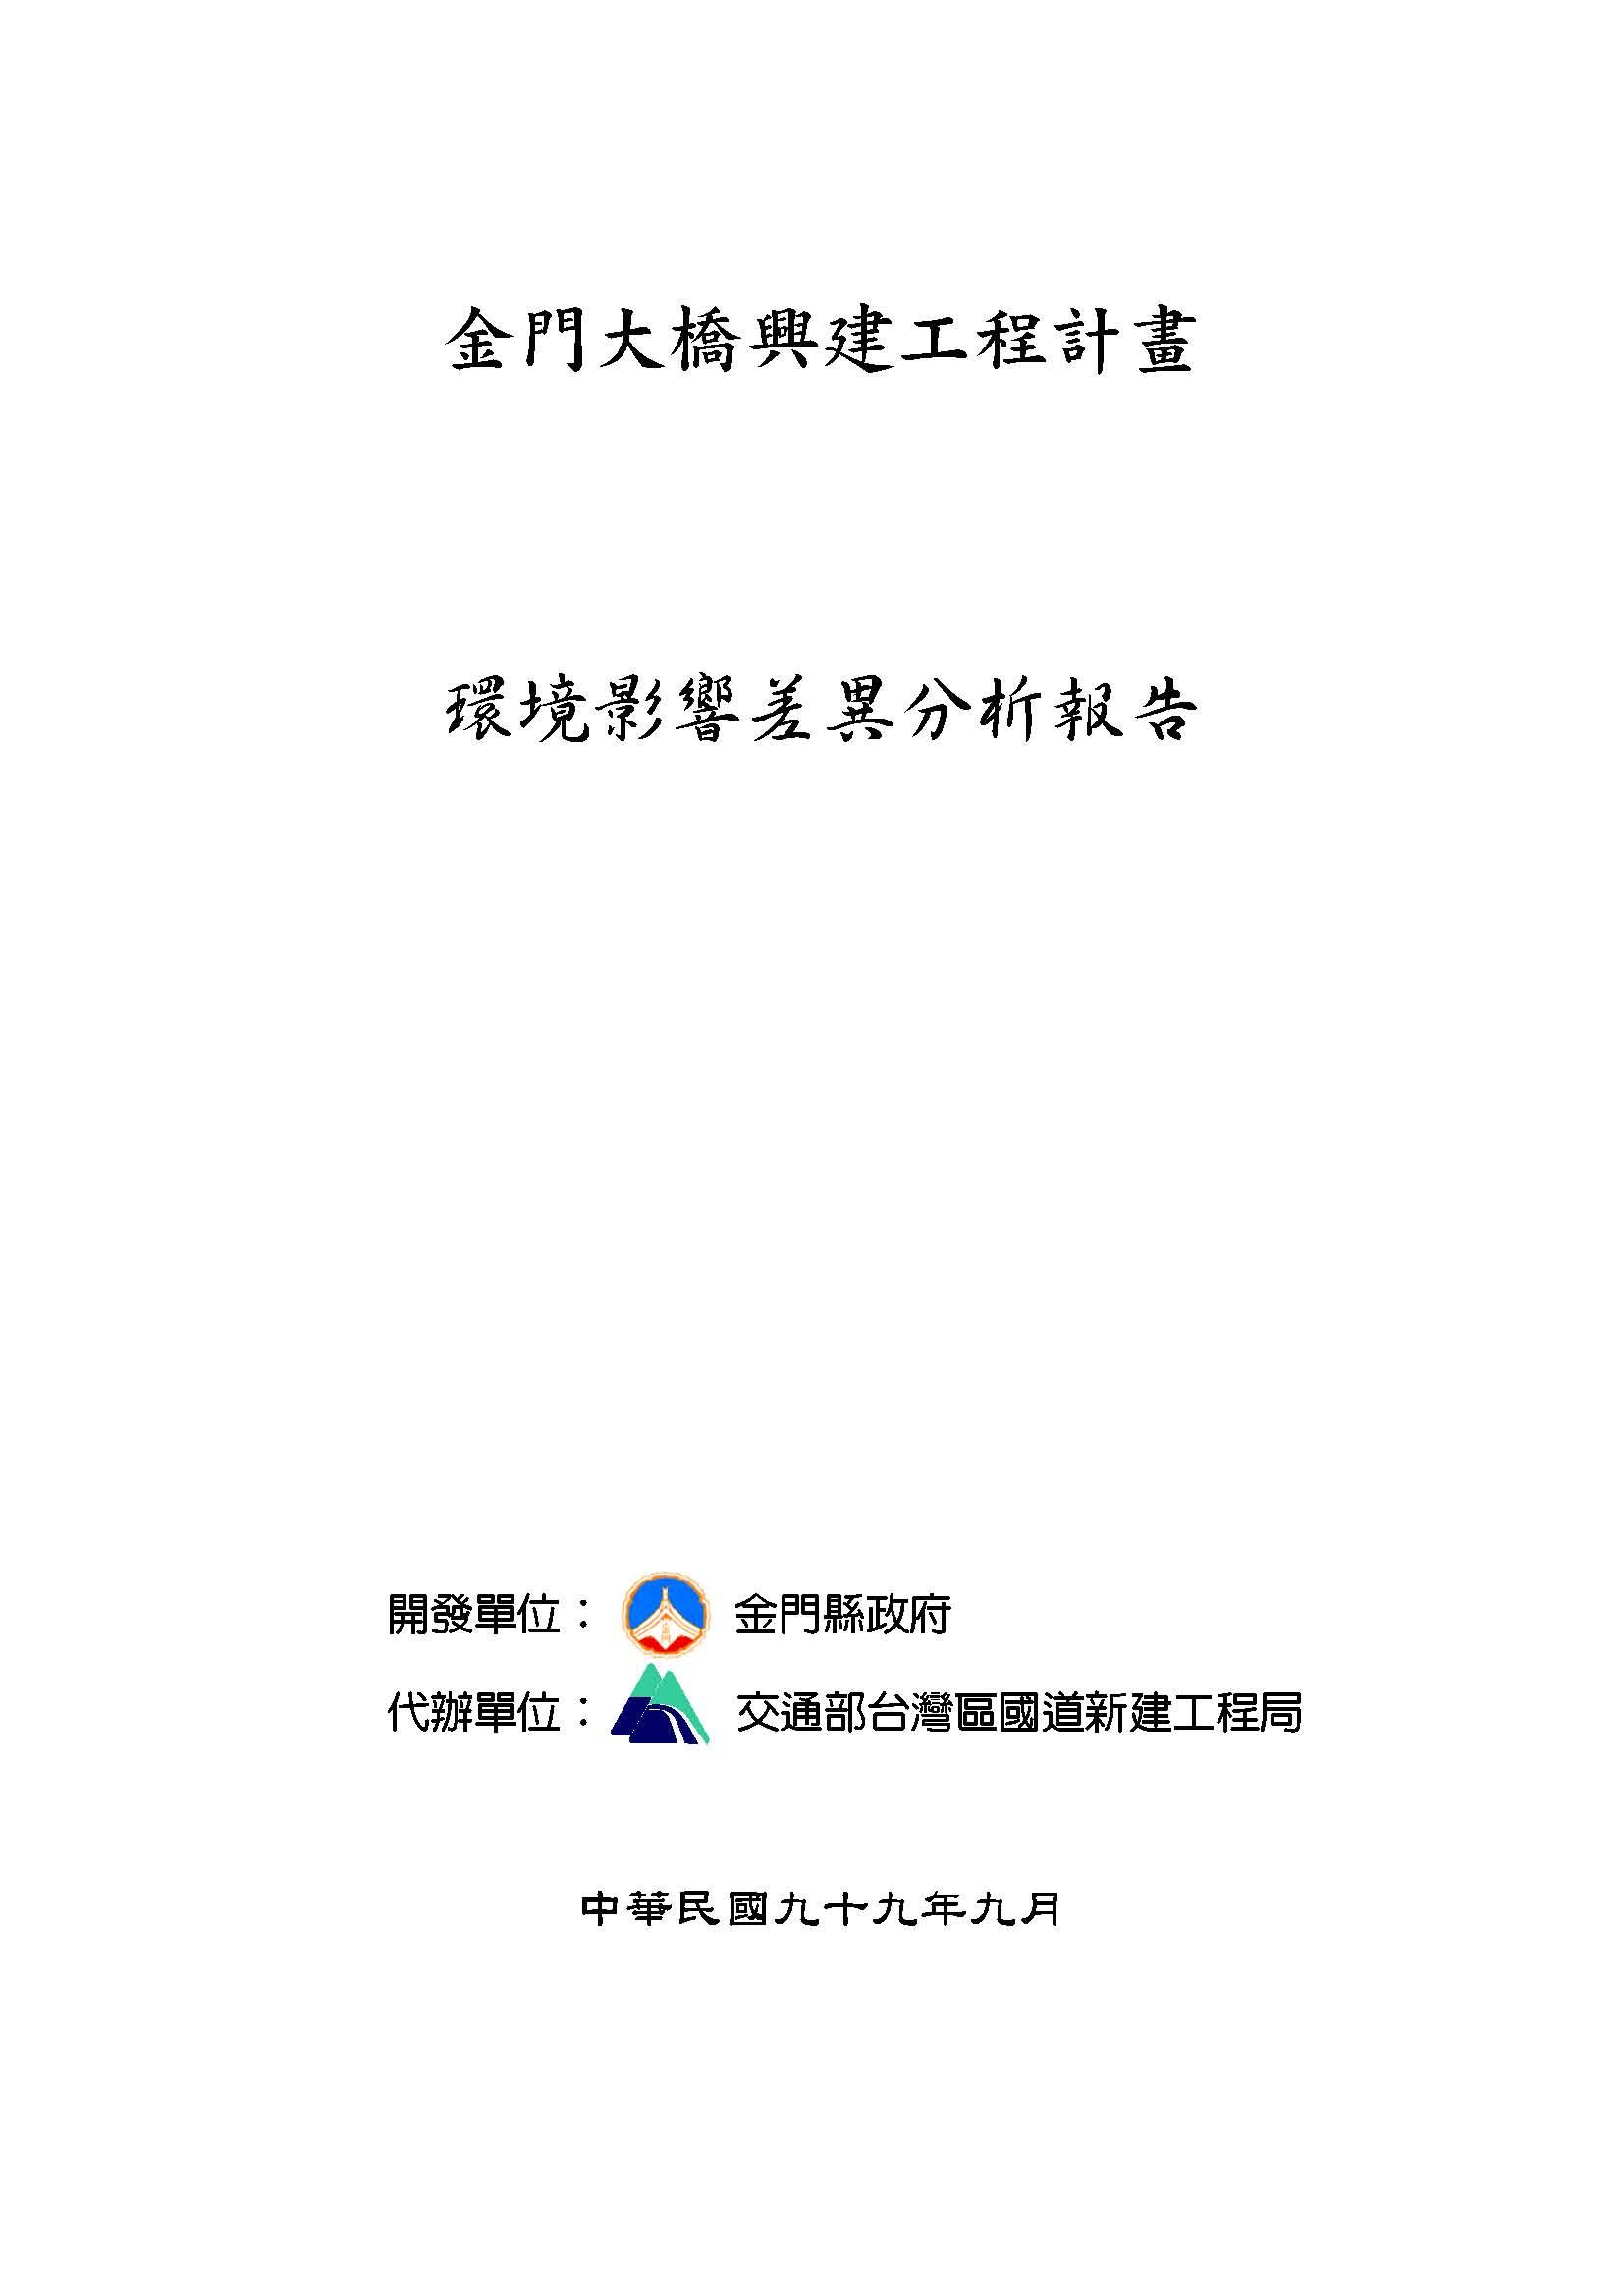 COVER-封面.jpg